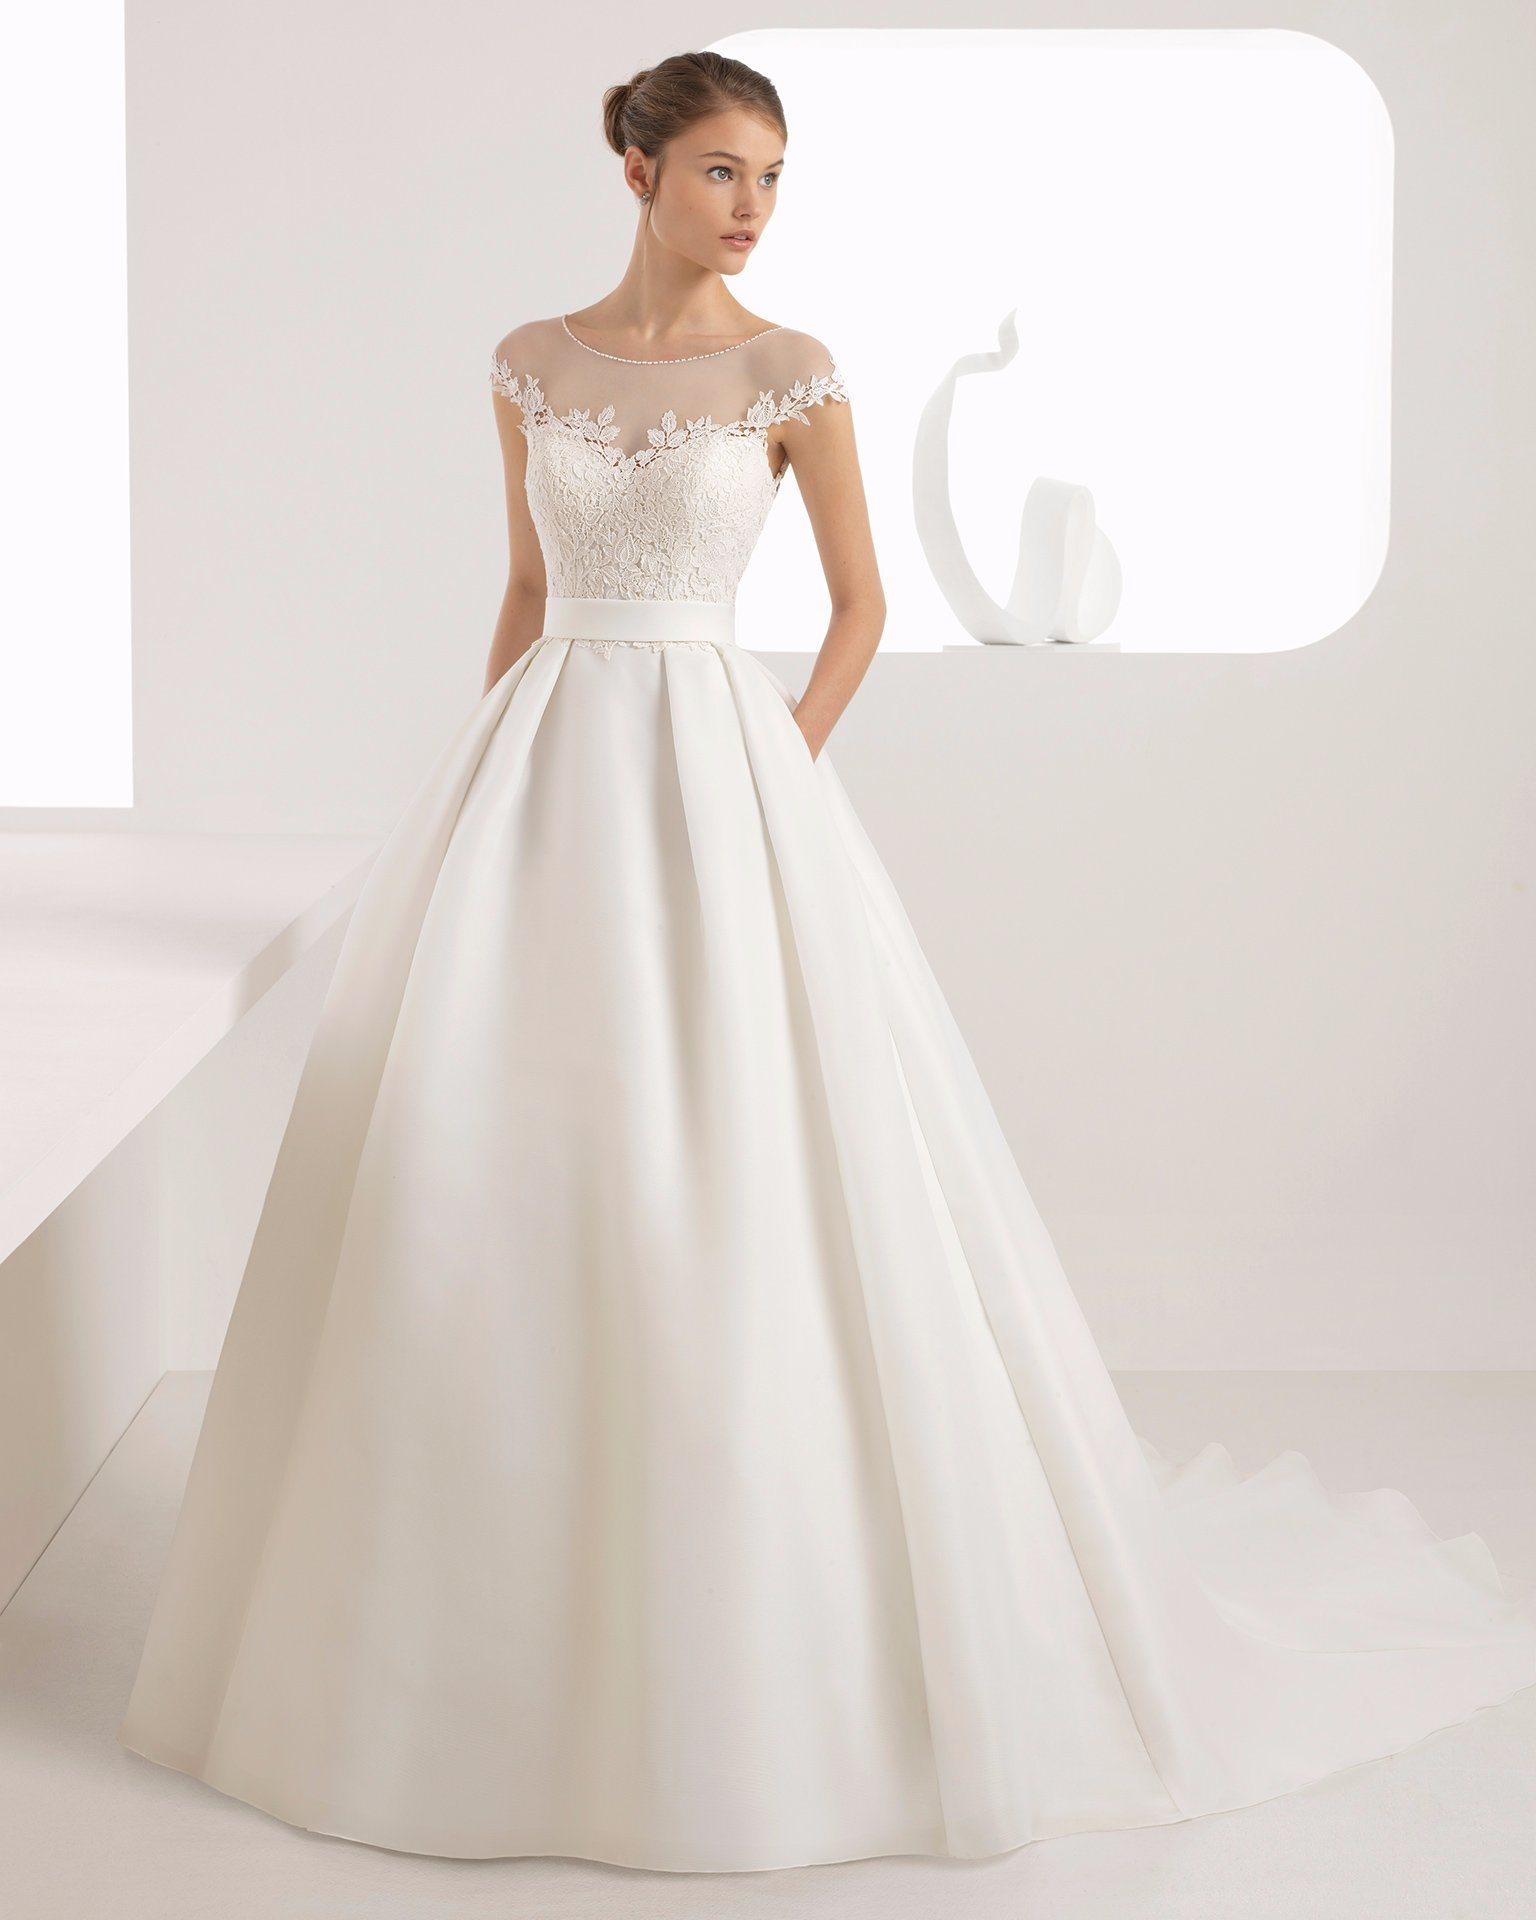 China Sheer Lace Top Organza Skirt With Pocket Bridal Dress